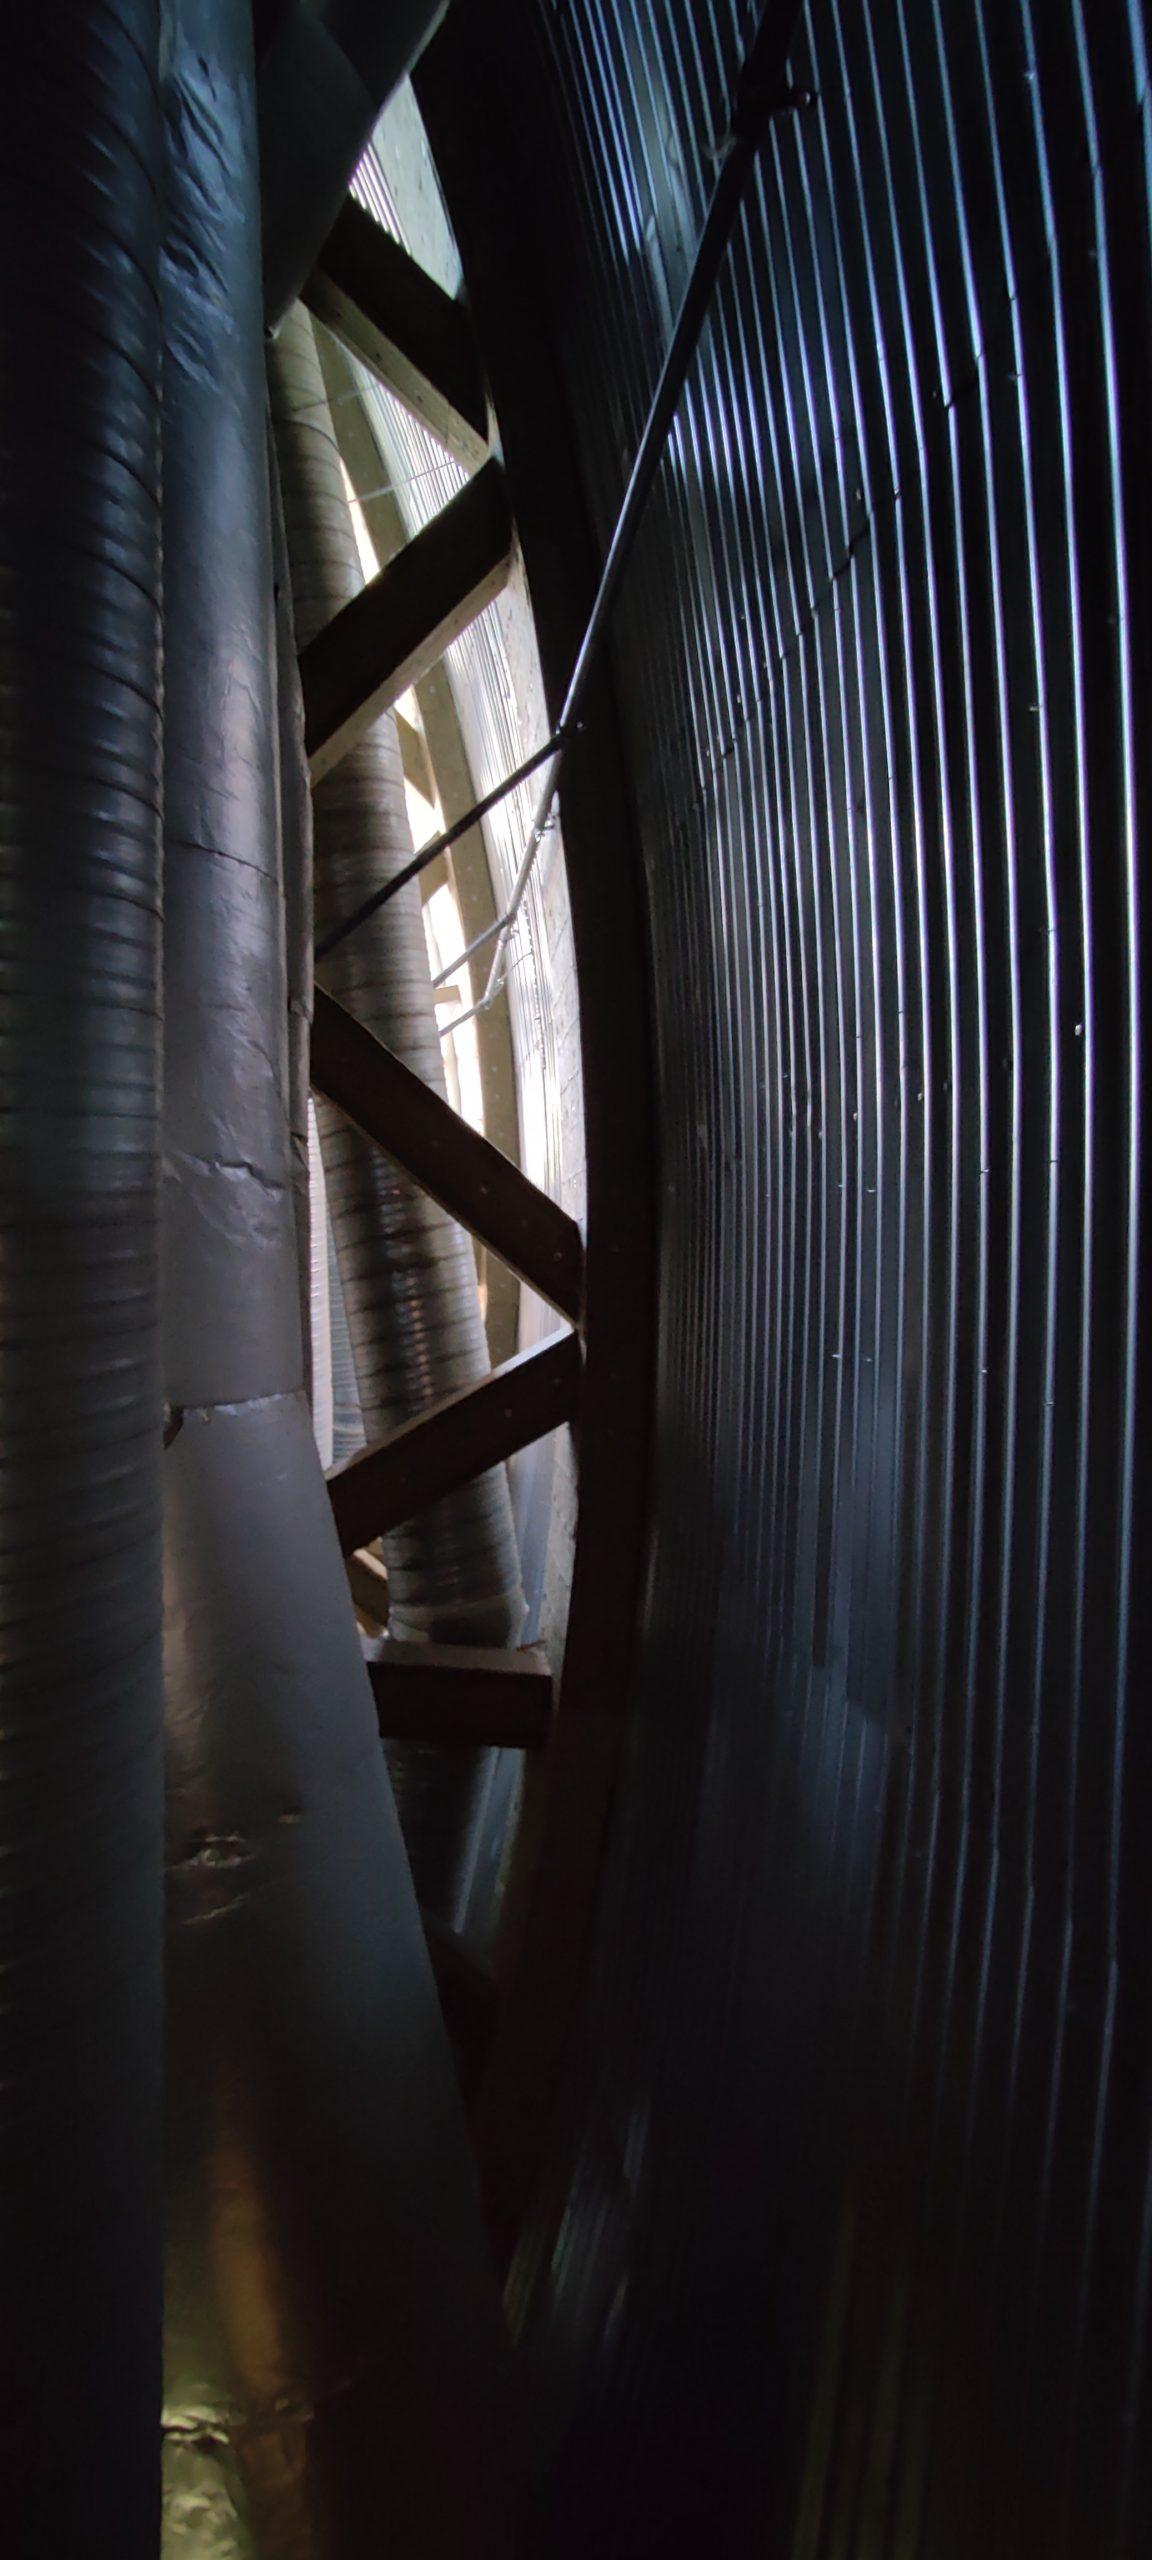 Kaareva aaltopeltiseinä, putkia ja tukevia ristikkorakenteita.